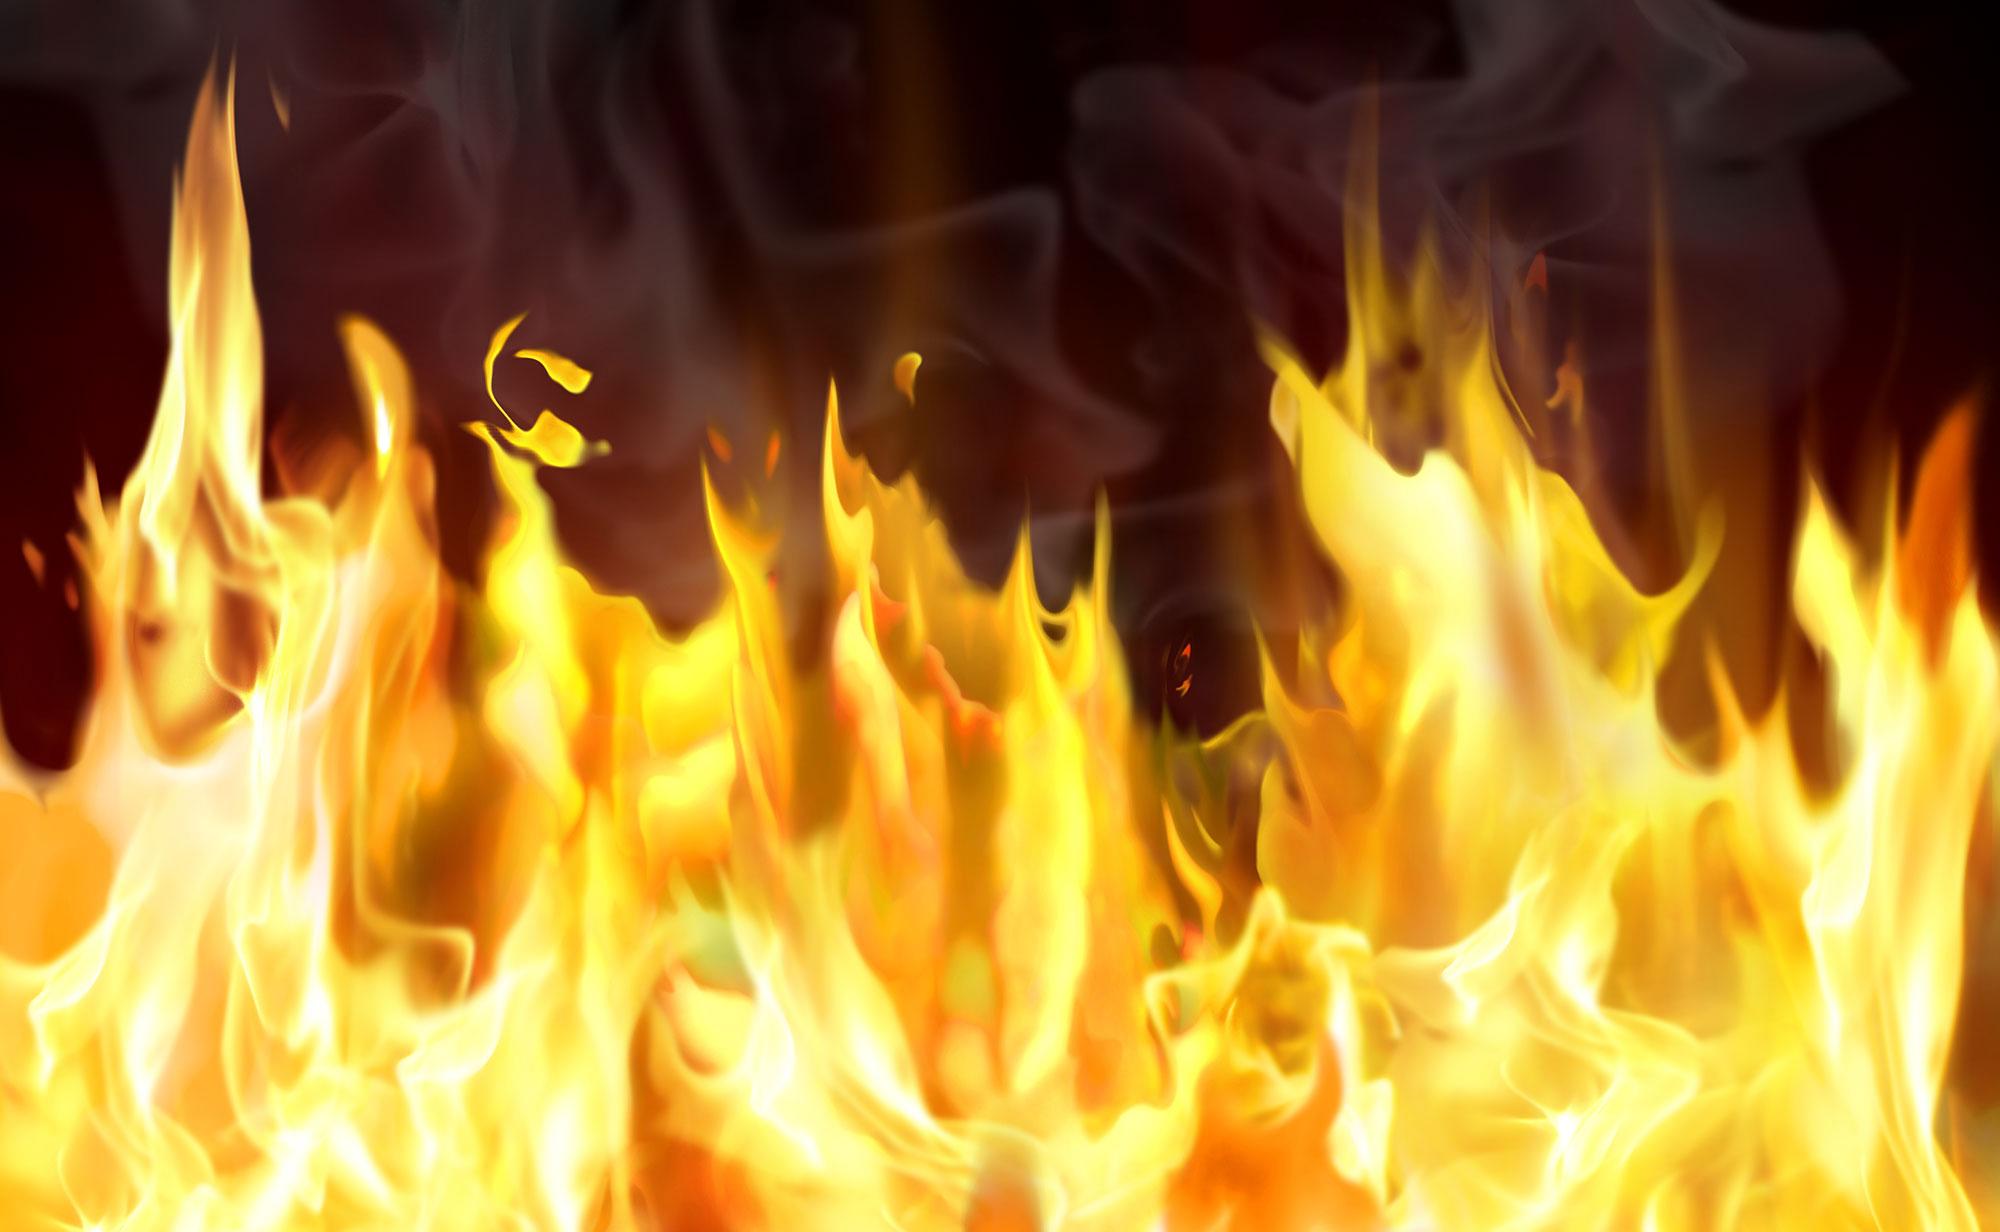 آتش سوزی در پاساژ کوروش